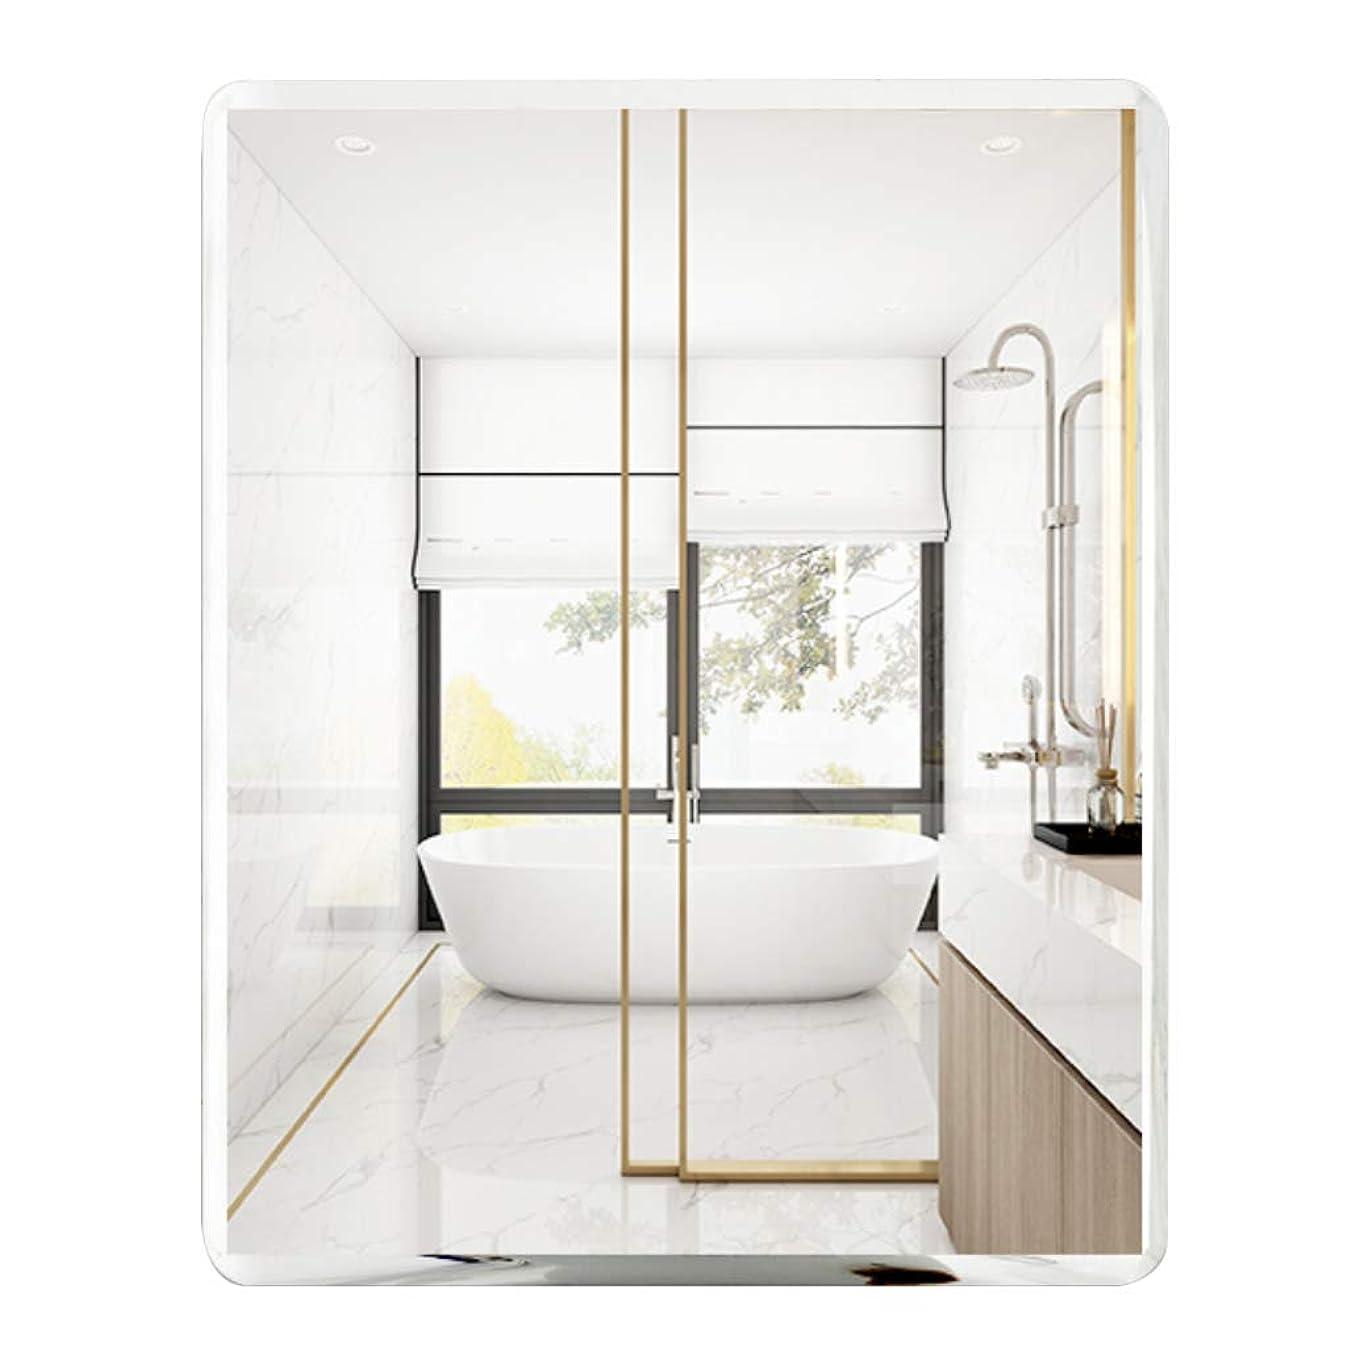 スキップつづり測定可能長方形の鏡大きな壁の鏡フレームレスの洗面化粧台ベッドルームまたはバスルーム装飾シンプル斜め(40x60cm、50x70cm、60x80cm)